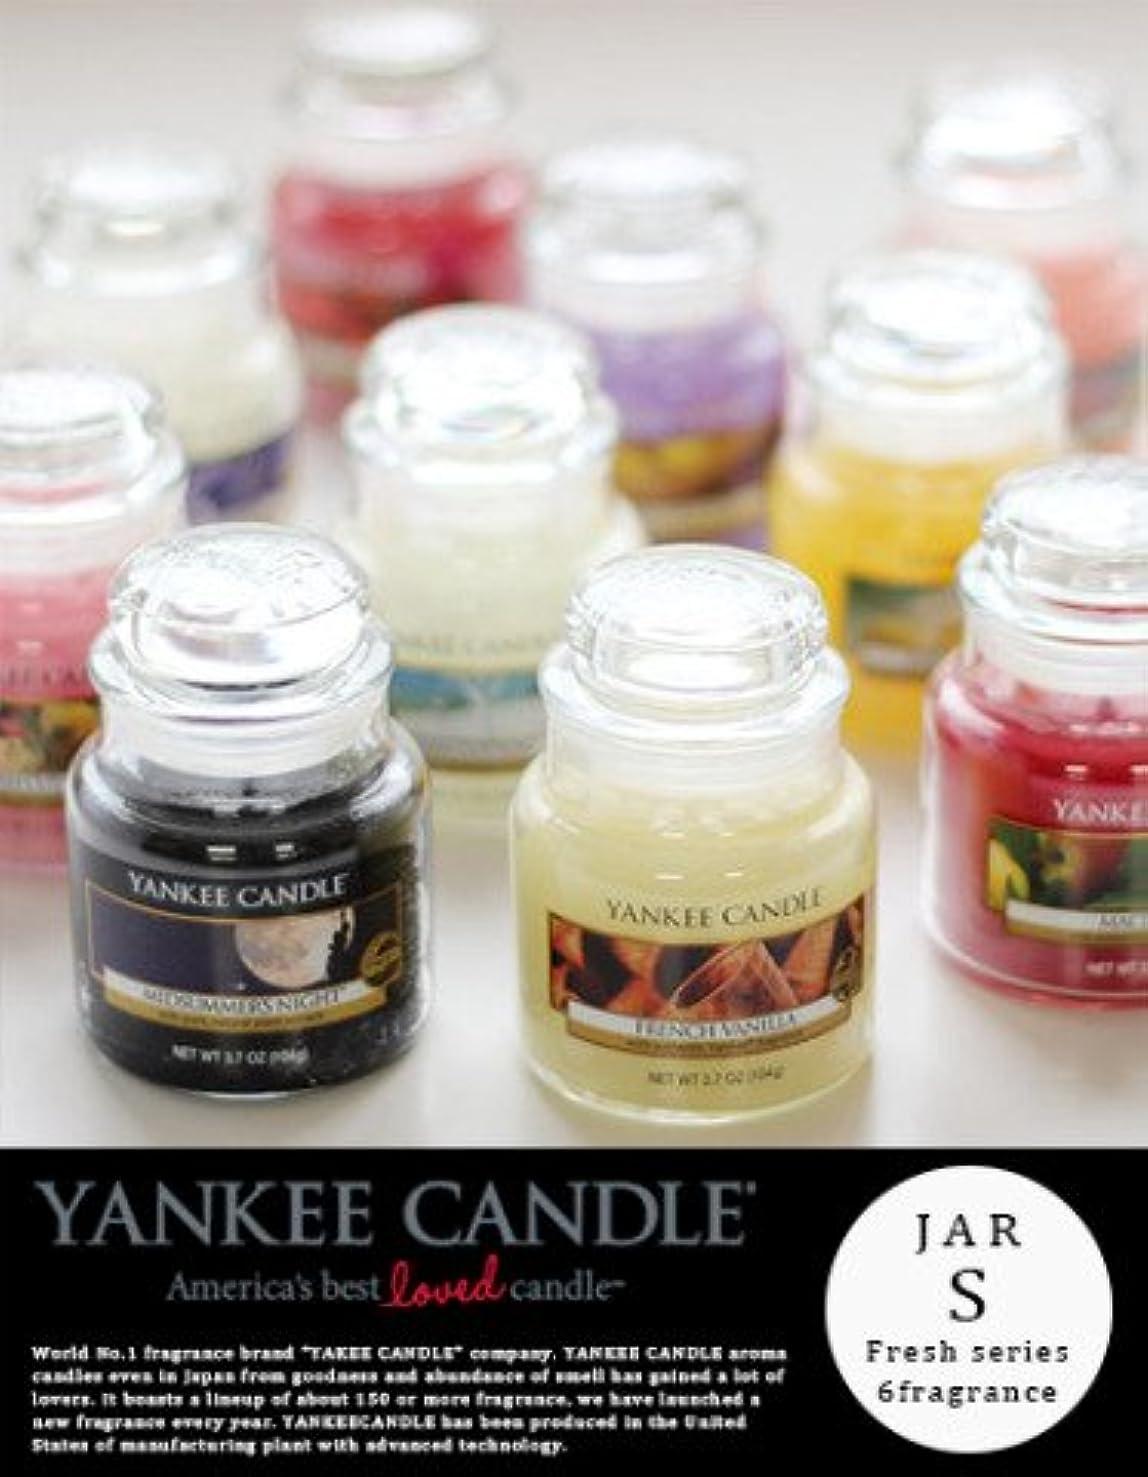 テラス橋脚興味YANKEE CANDLE ヤンキーキャンドル ジャーS フレッシュシリーズ【クリーンコットン】